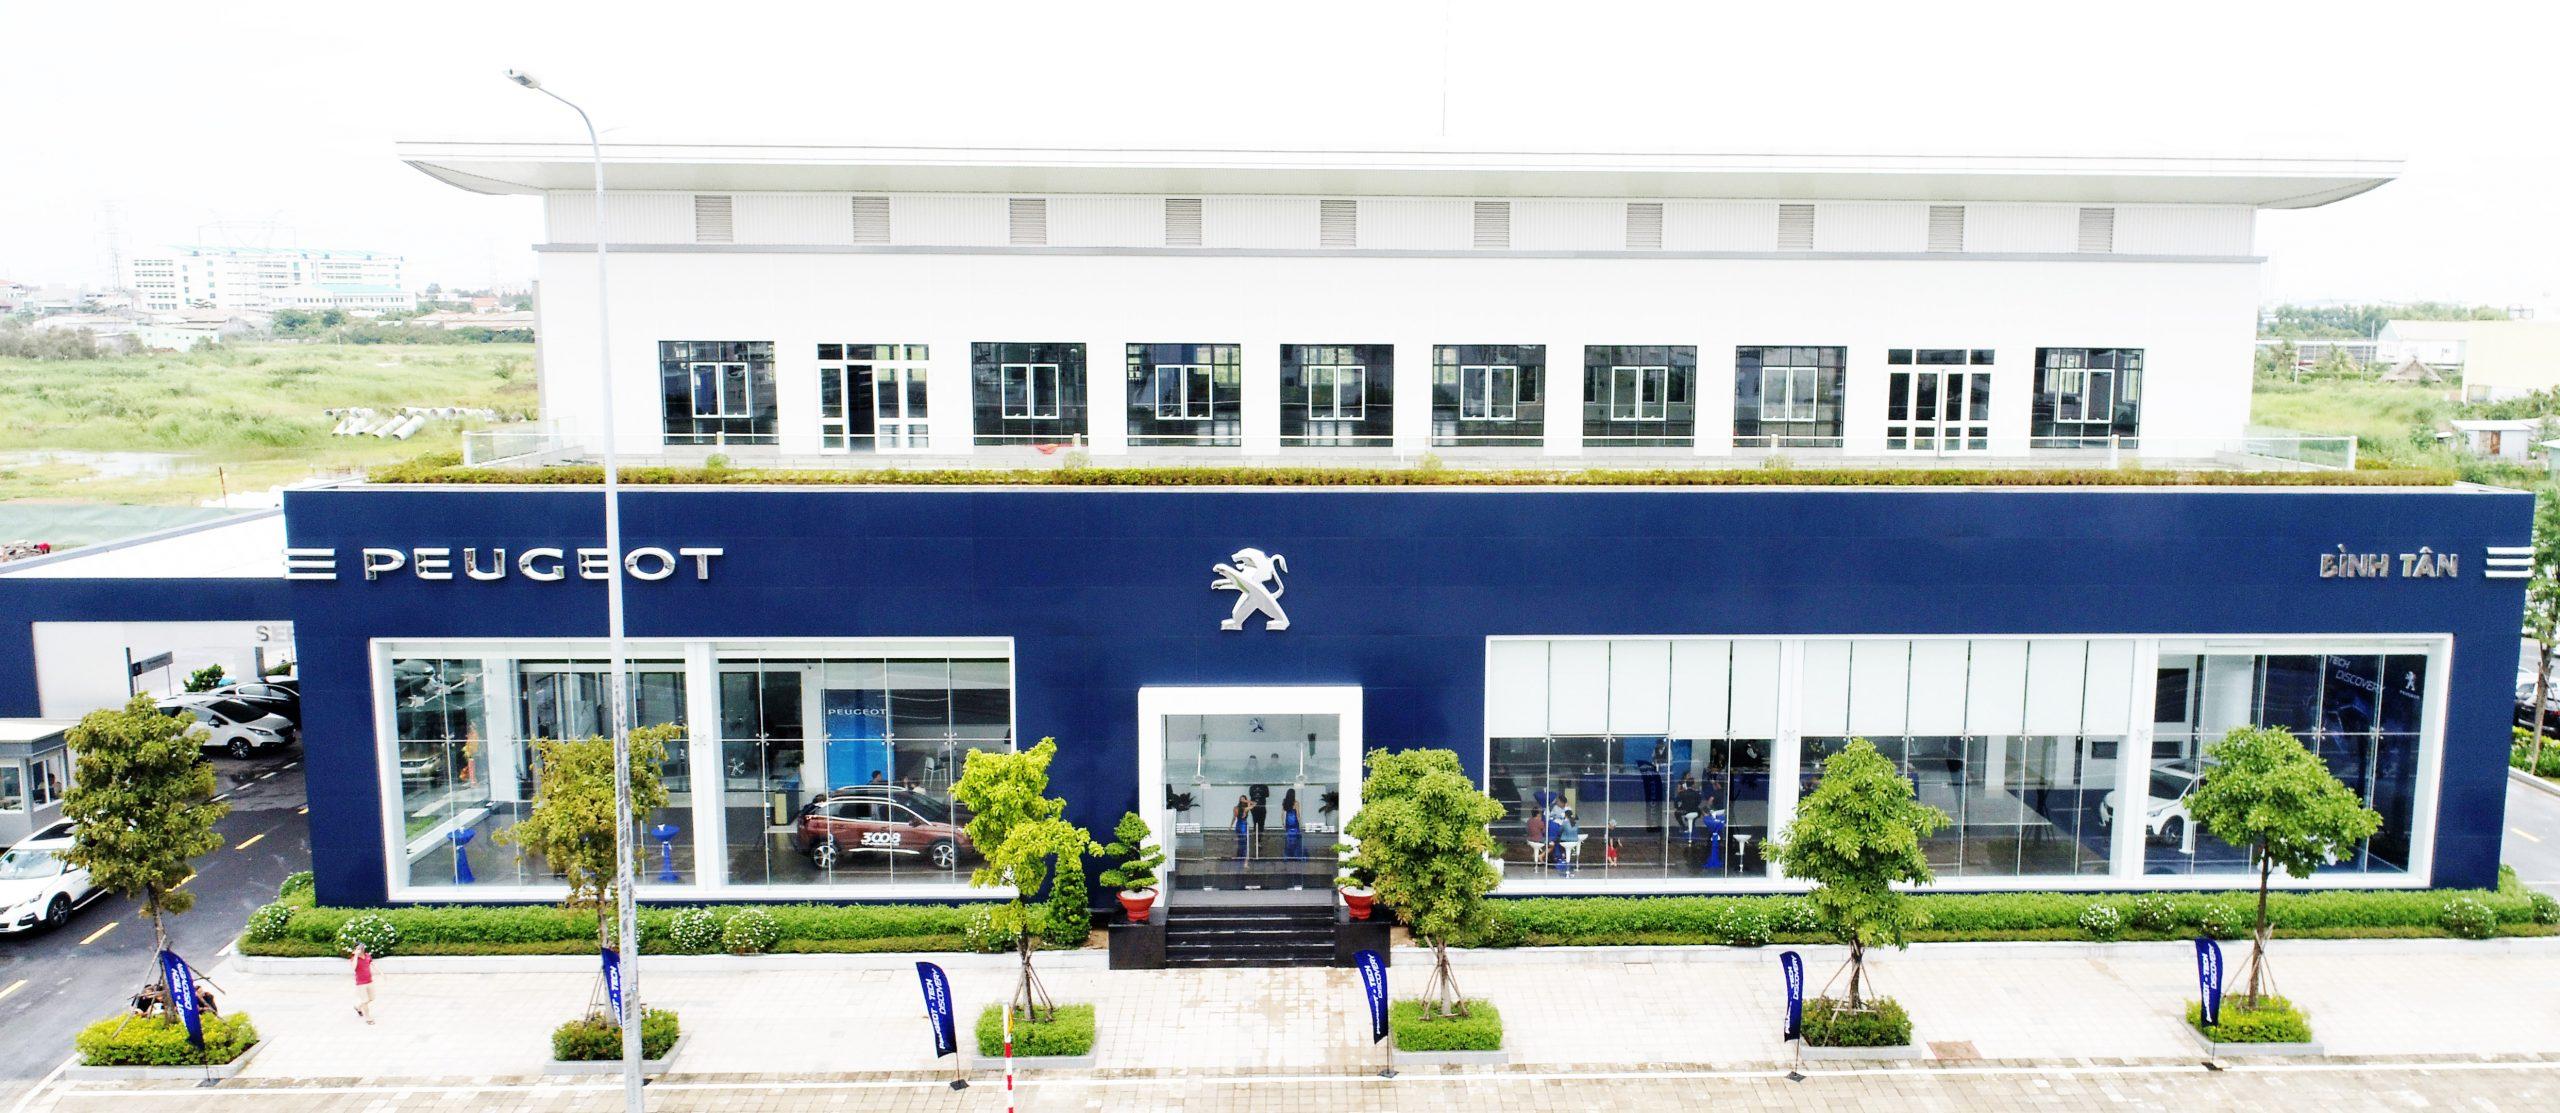 pe - Giới thiệu đại lý Peugeot Bình Tân, Quận Bình Tân, TP. HCM